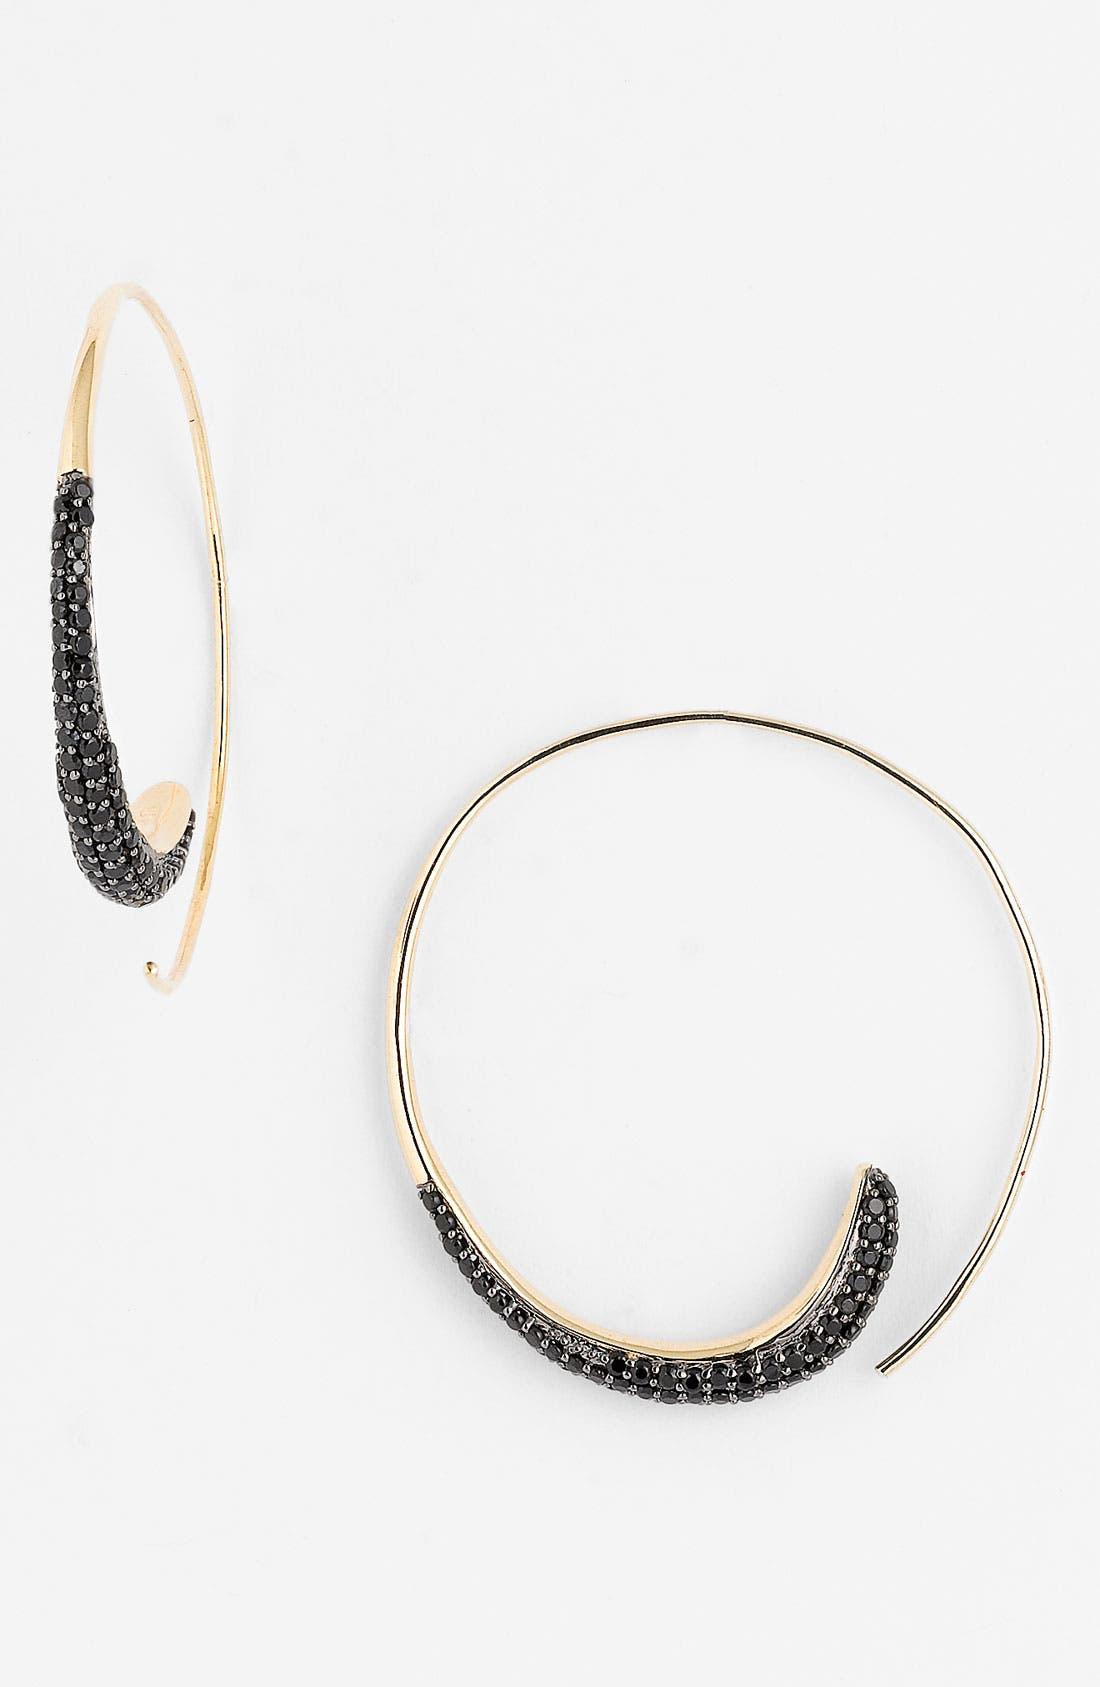 Alternate Image 1 Selected - Tom Binns 'Bejewelled' Swirl Hoop Earrings